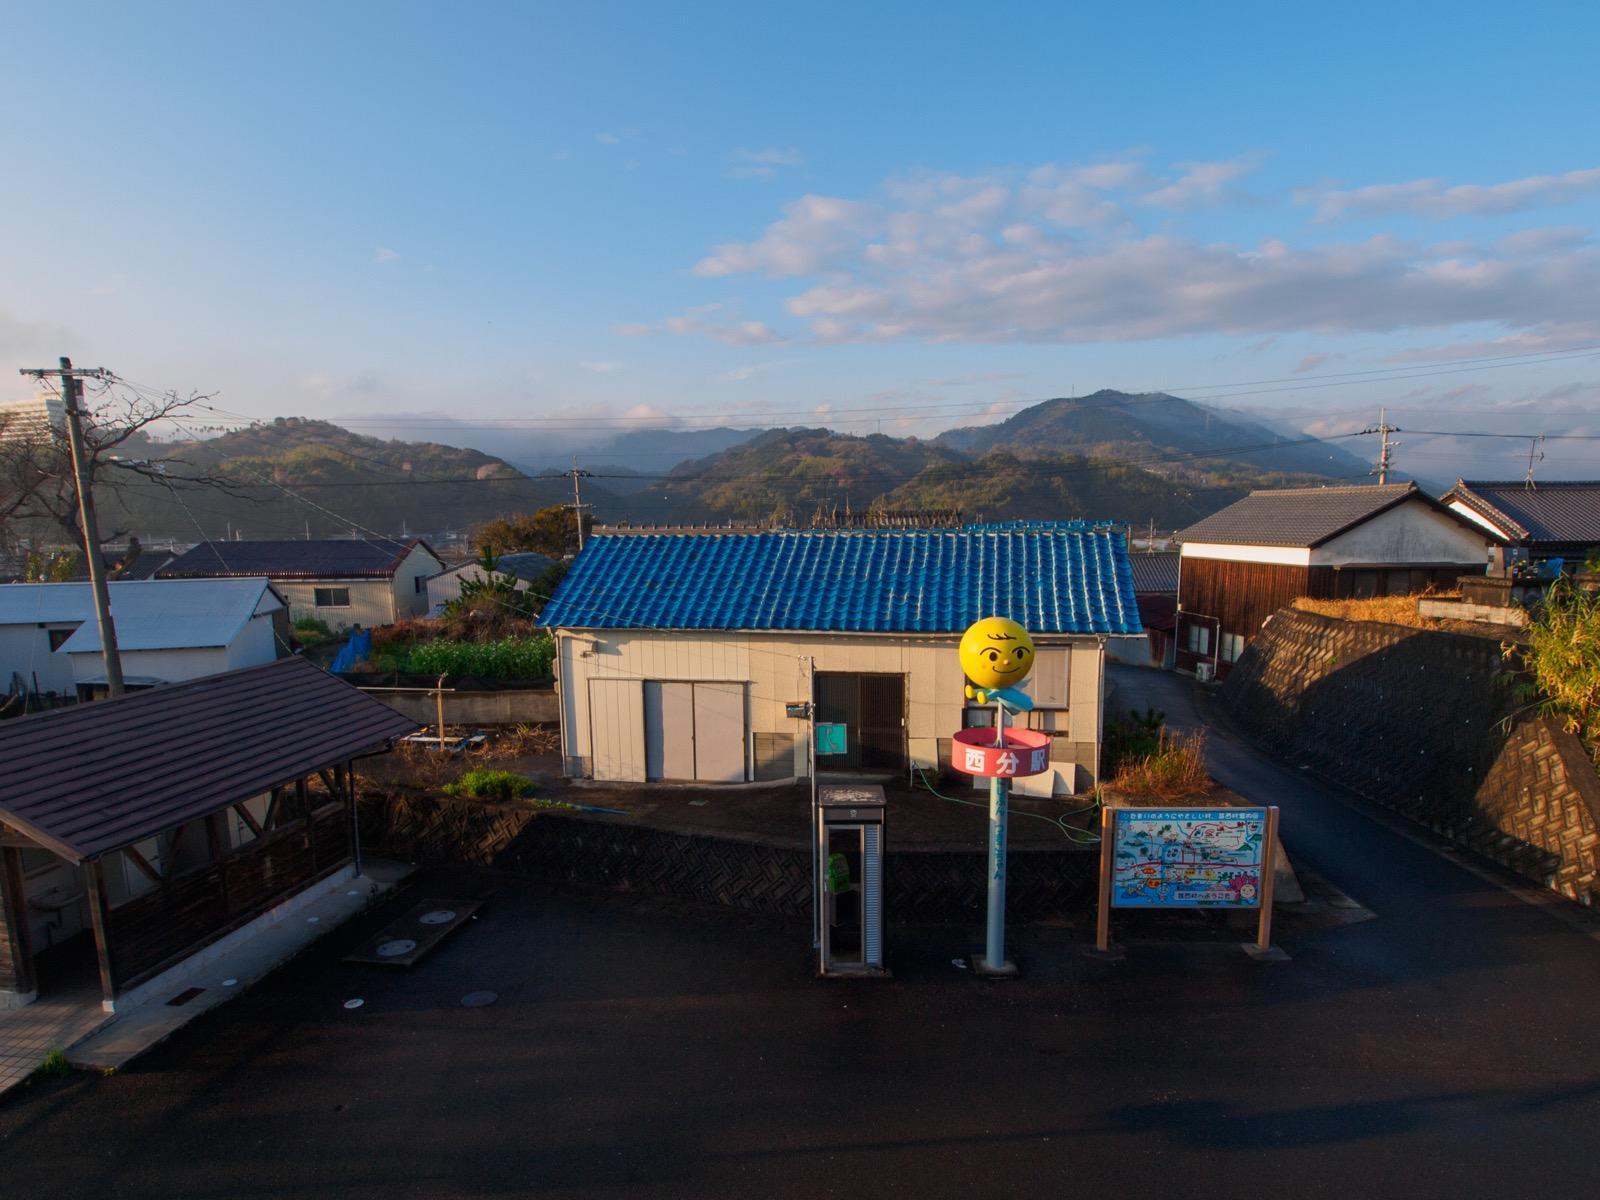 西分駅から見る山側の駅前